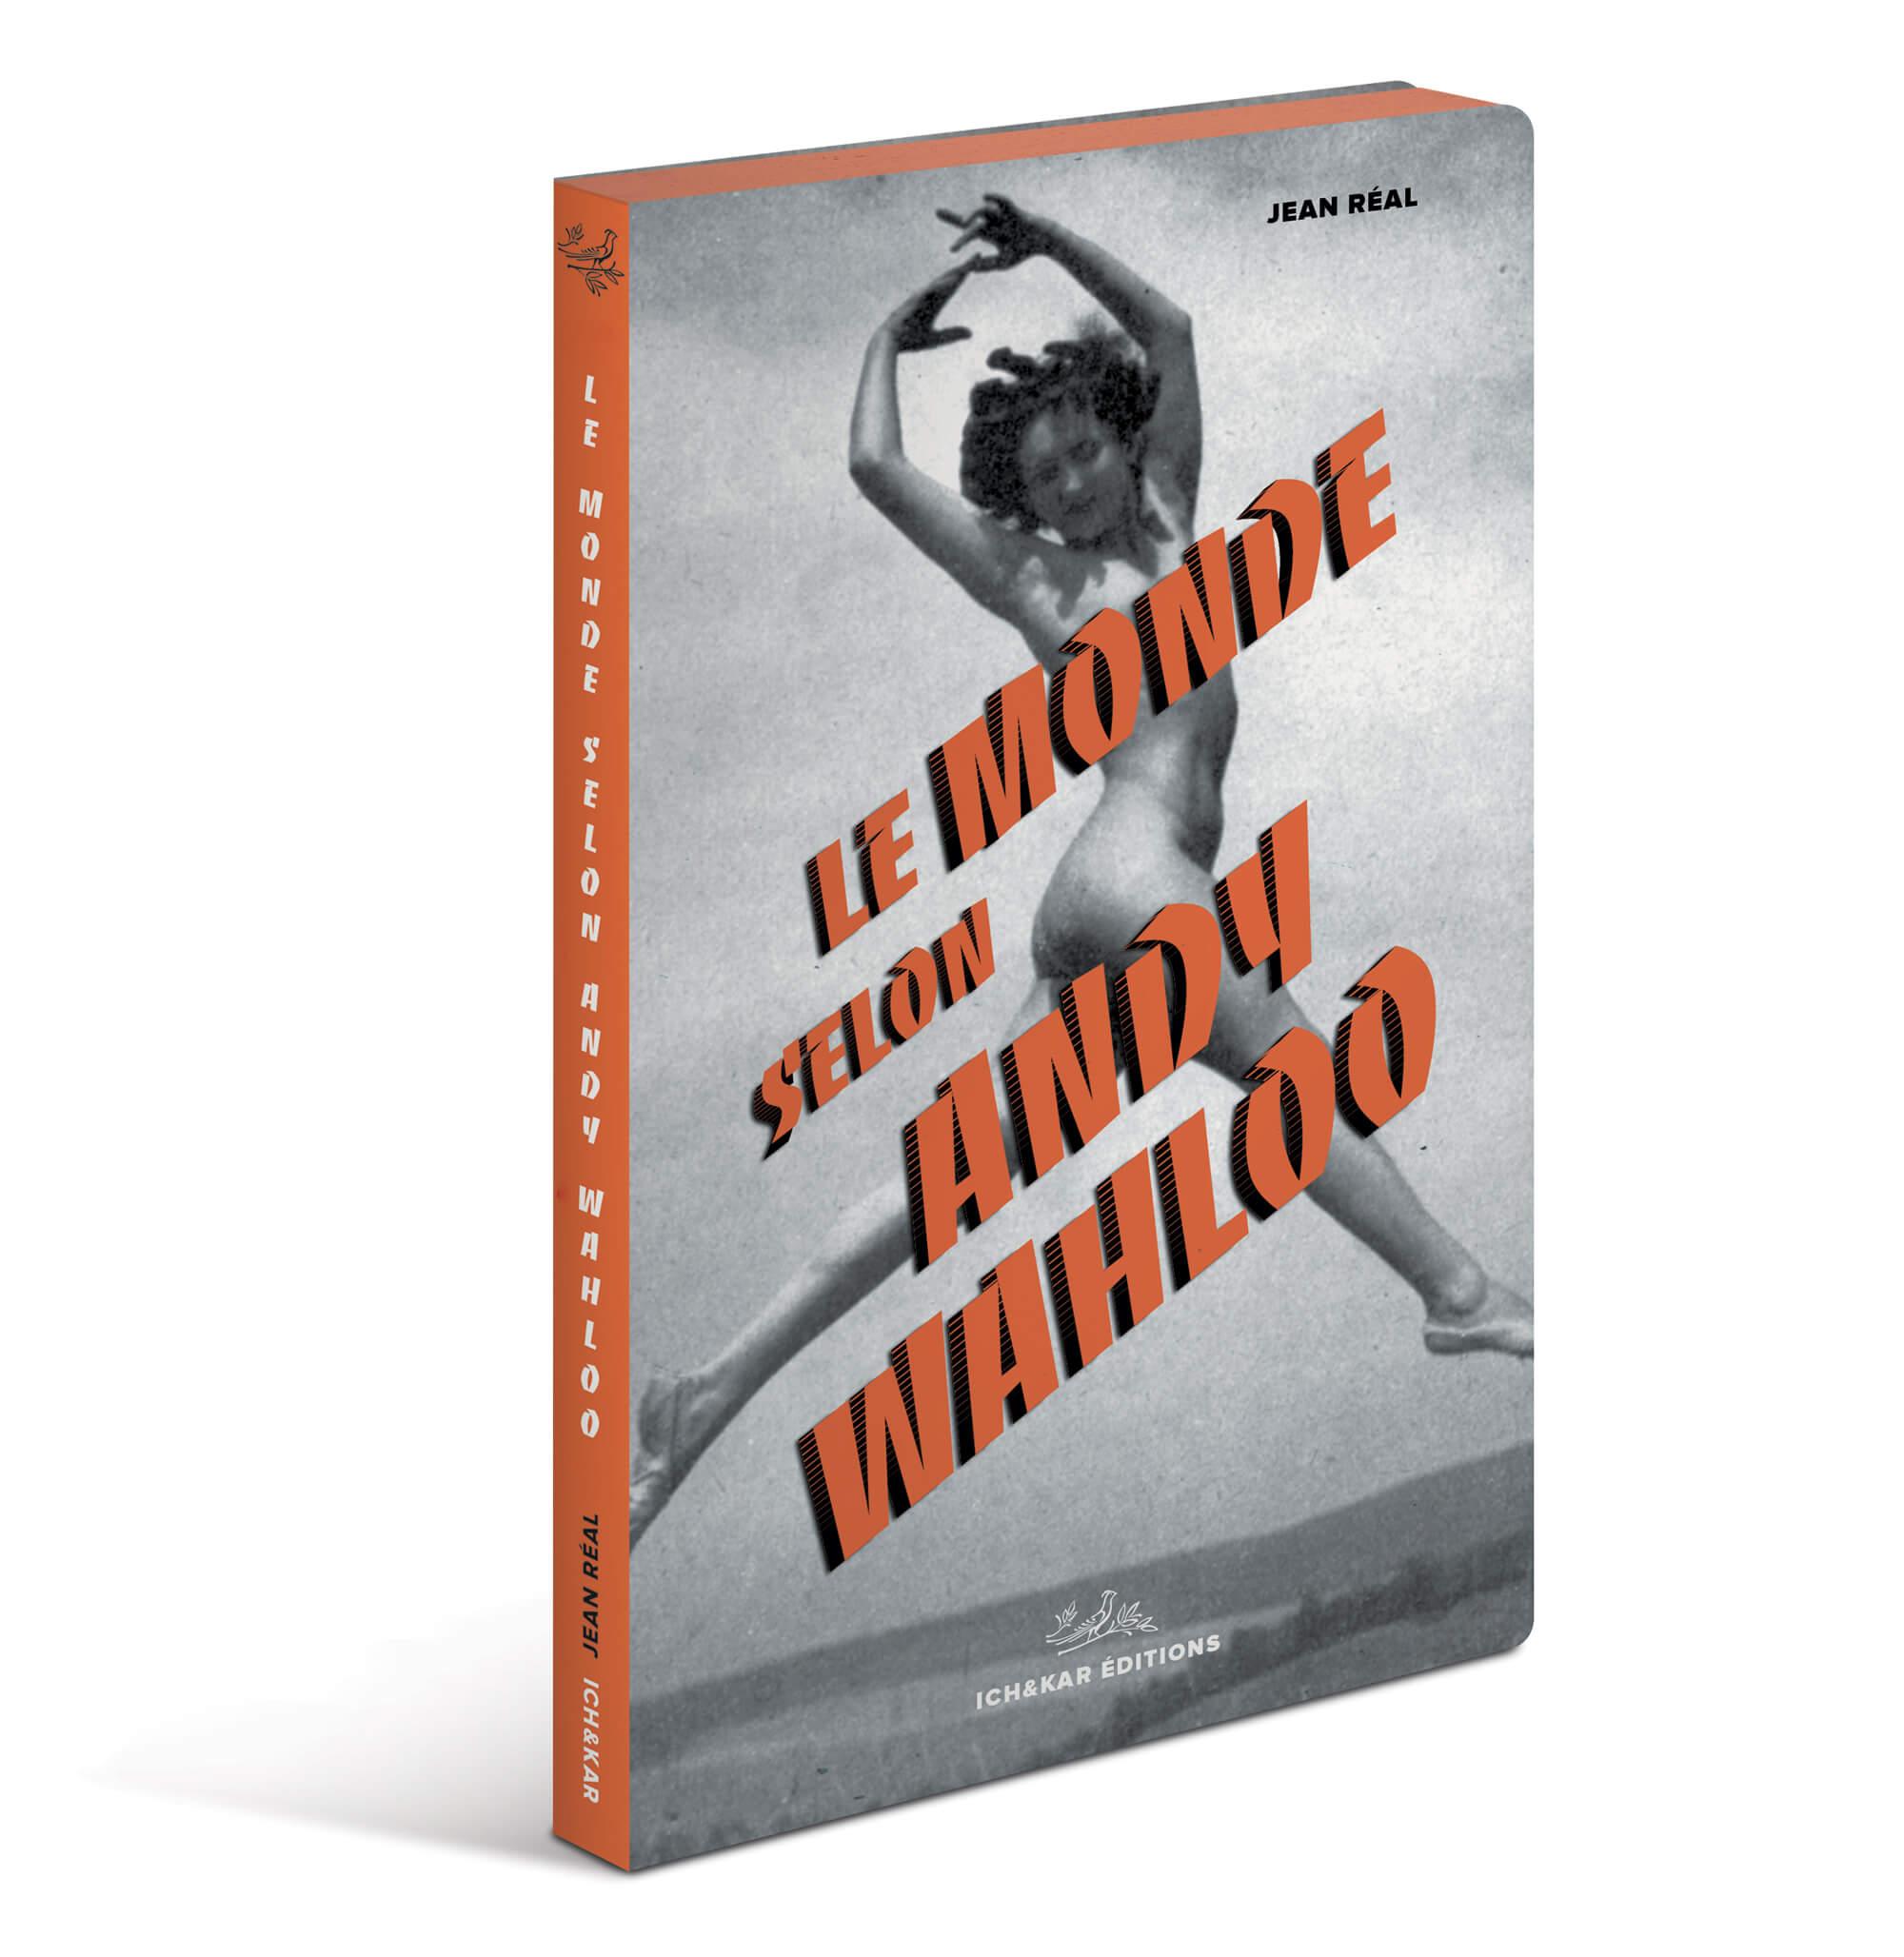 Couverture du livre-menu du bar Andy Wahloo, l'auteur Jean Réal écrit 16 nouvelles dans un recueil «Le Monde selon Andy Wahloo» mêlant la carte des alcools du bar et les tribulations alcoolisées d'Andy Wahloo, design Ich&Kar